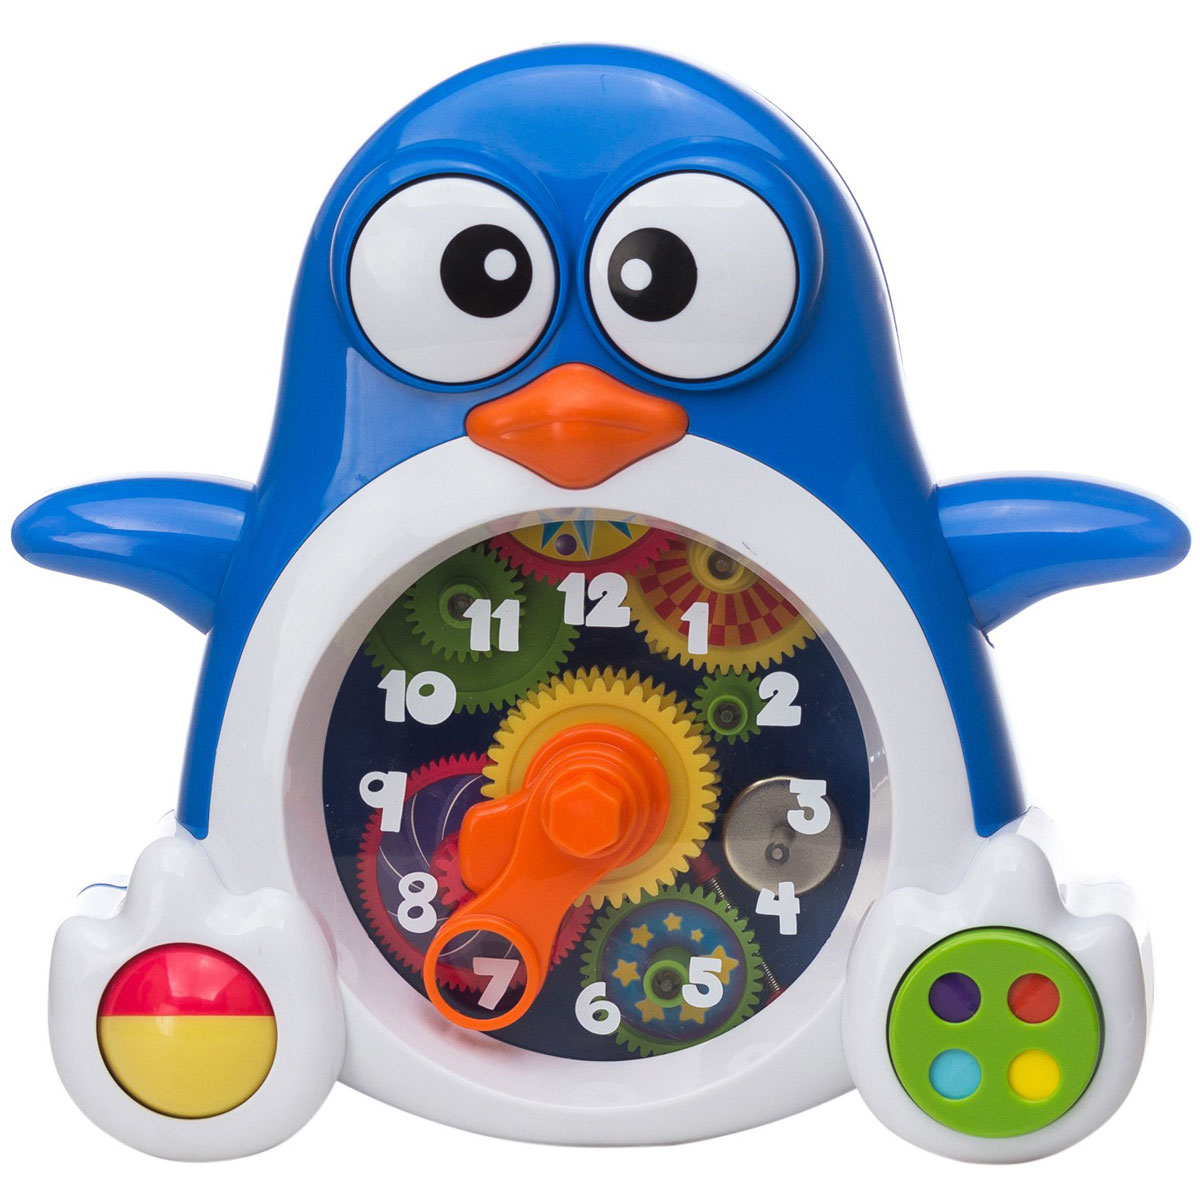 Keenway Развивающая игрушка Пингвиненок-часы keenway keenway развивающая игрушка планшет